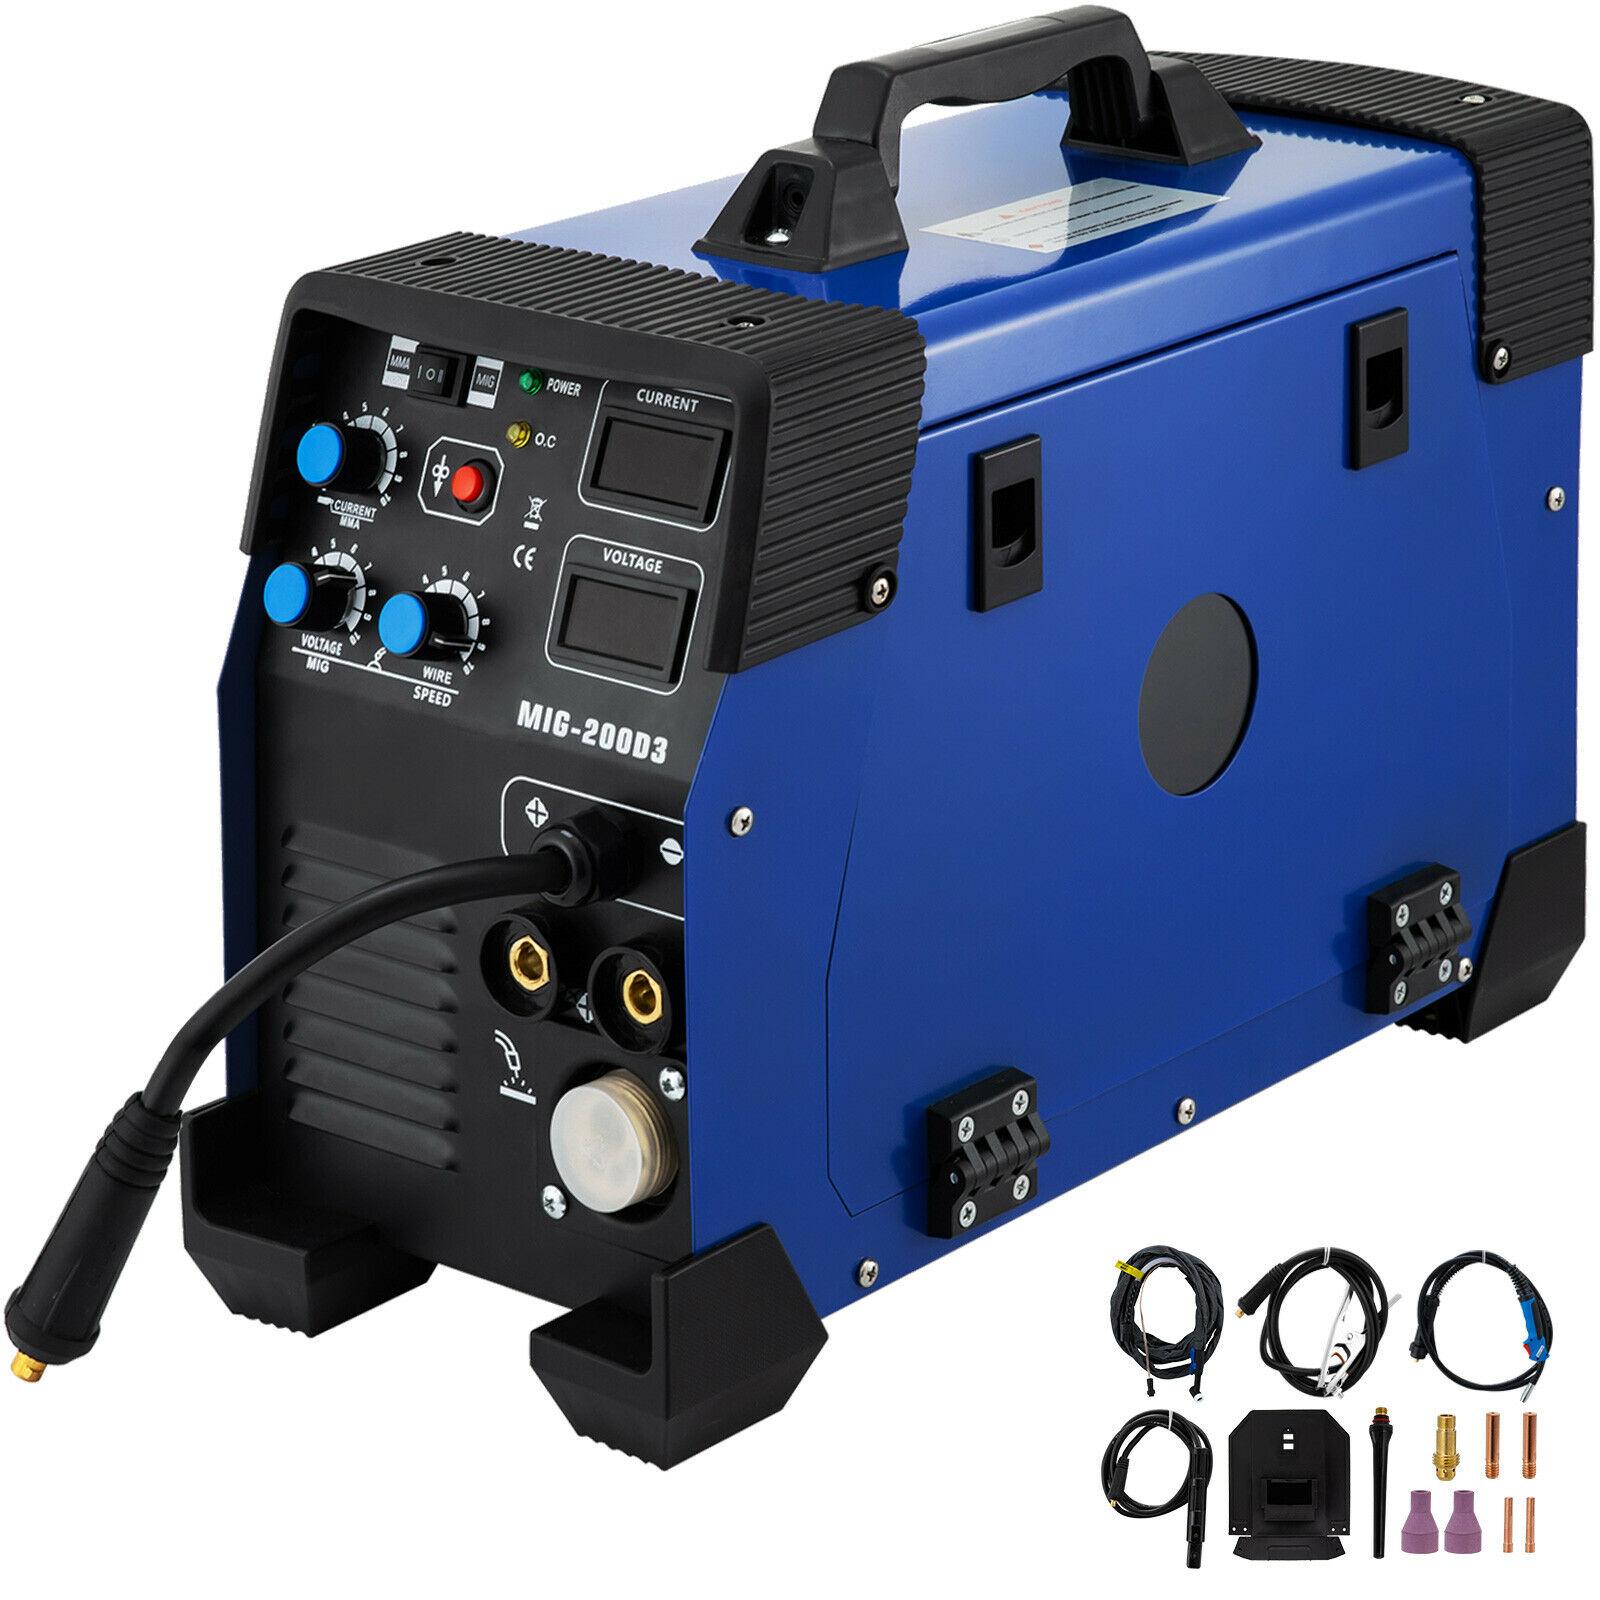 5 In 1 MIG / MAG / TIG / FLUX / MMA Inverter Welder 200Amp Combo Welding Machine